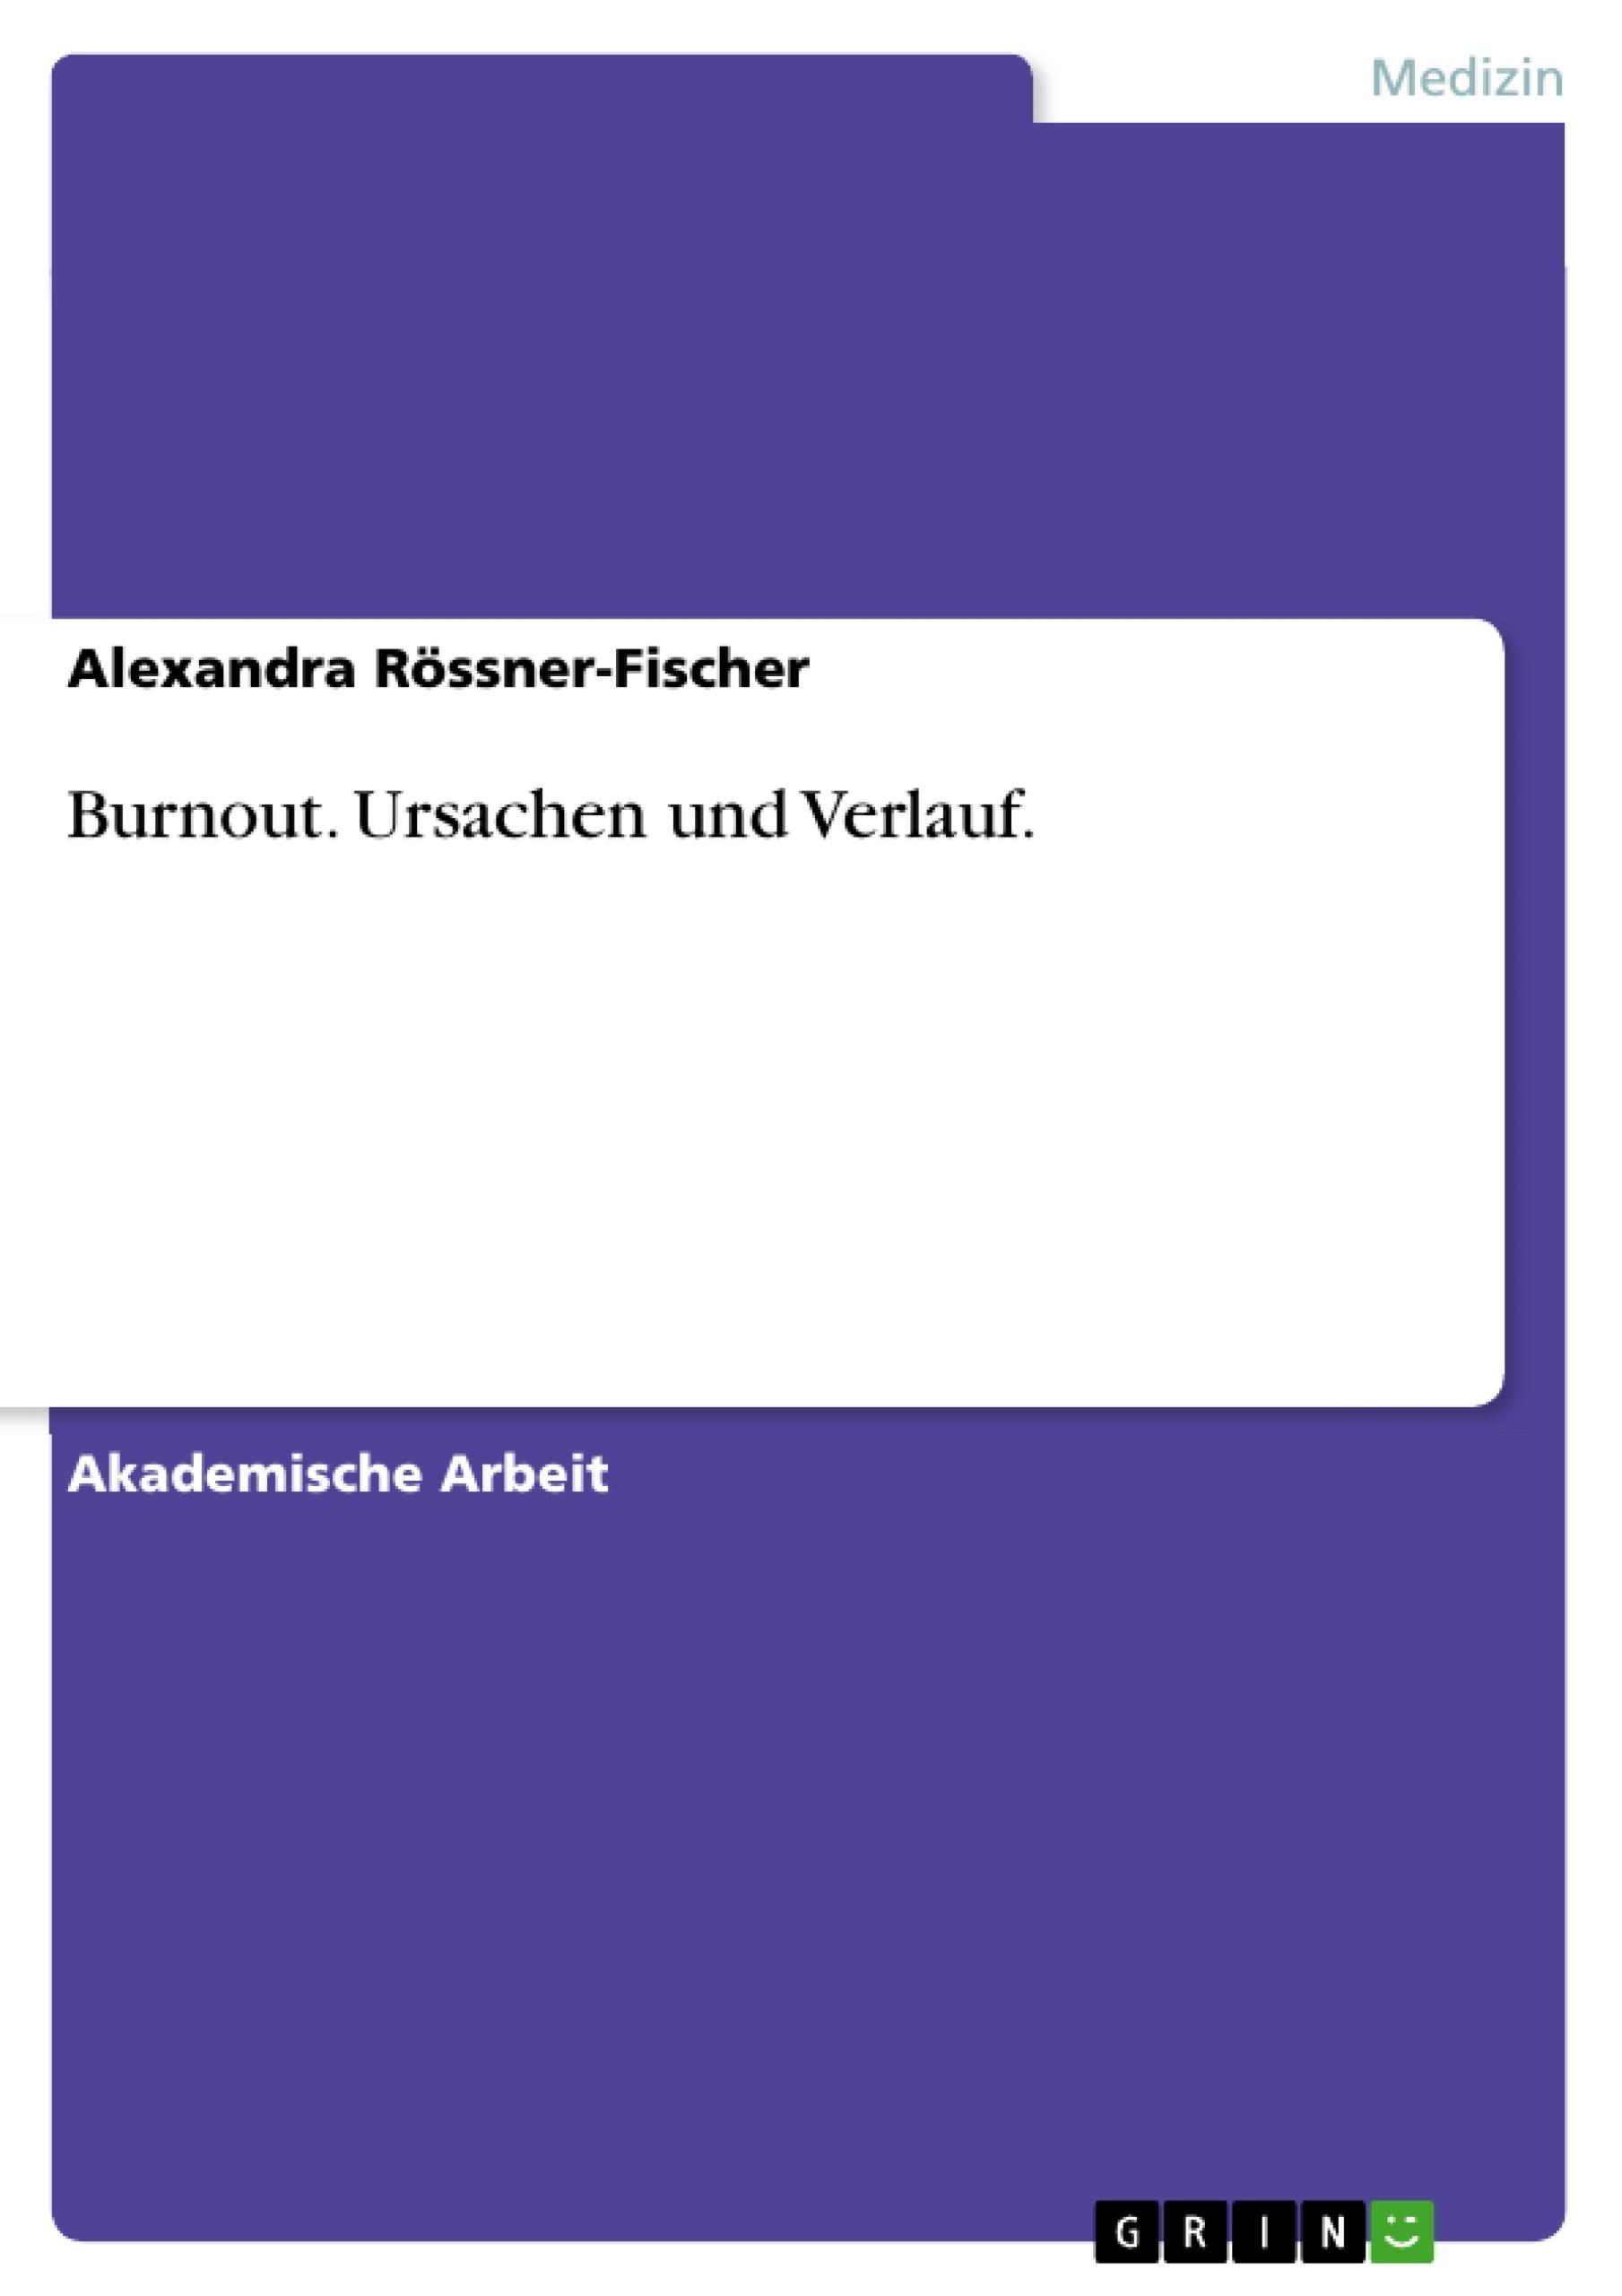 Titel: Burnout. Ursachen und Verlauf.